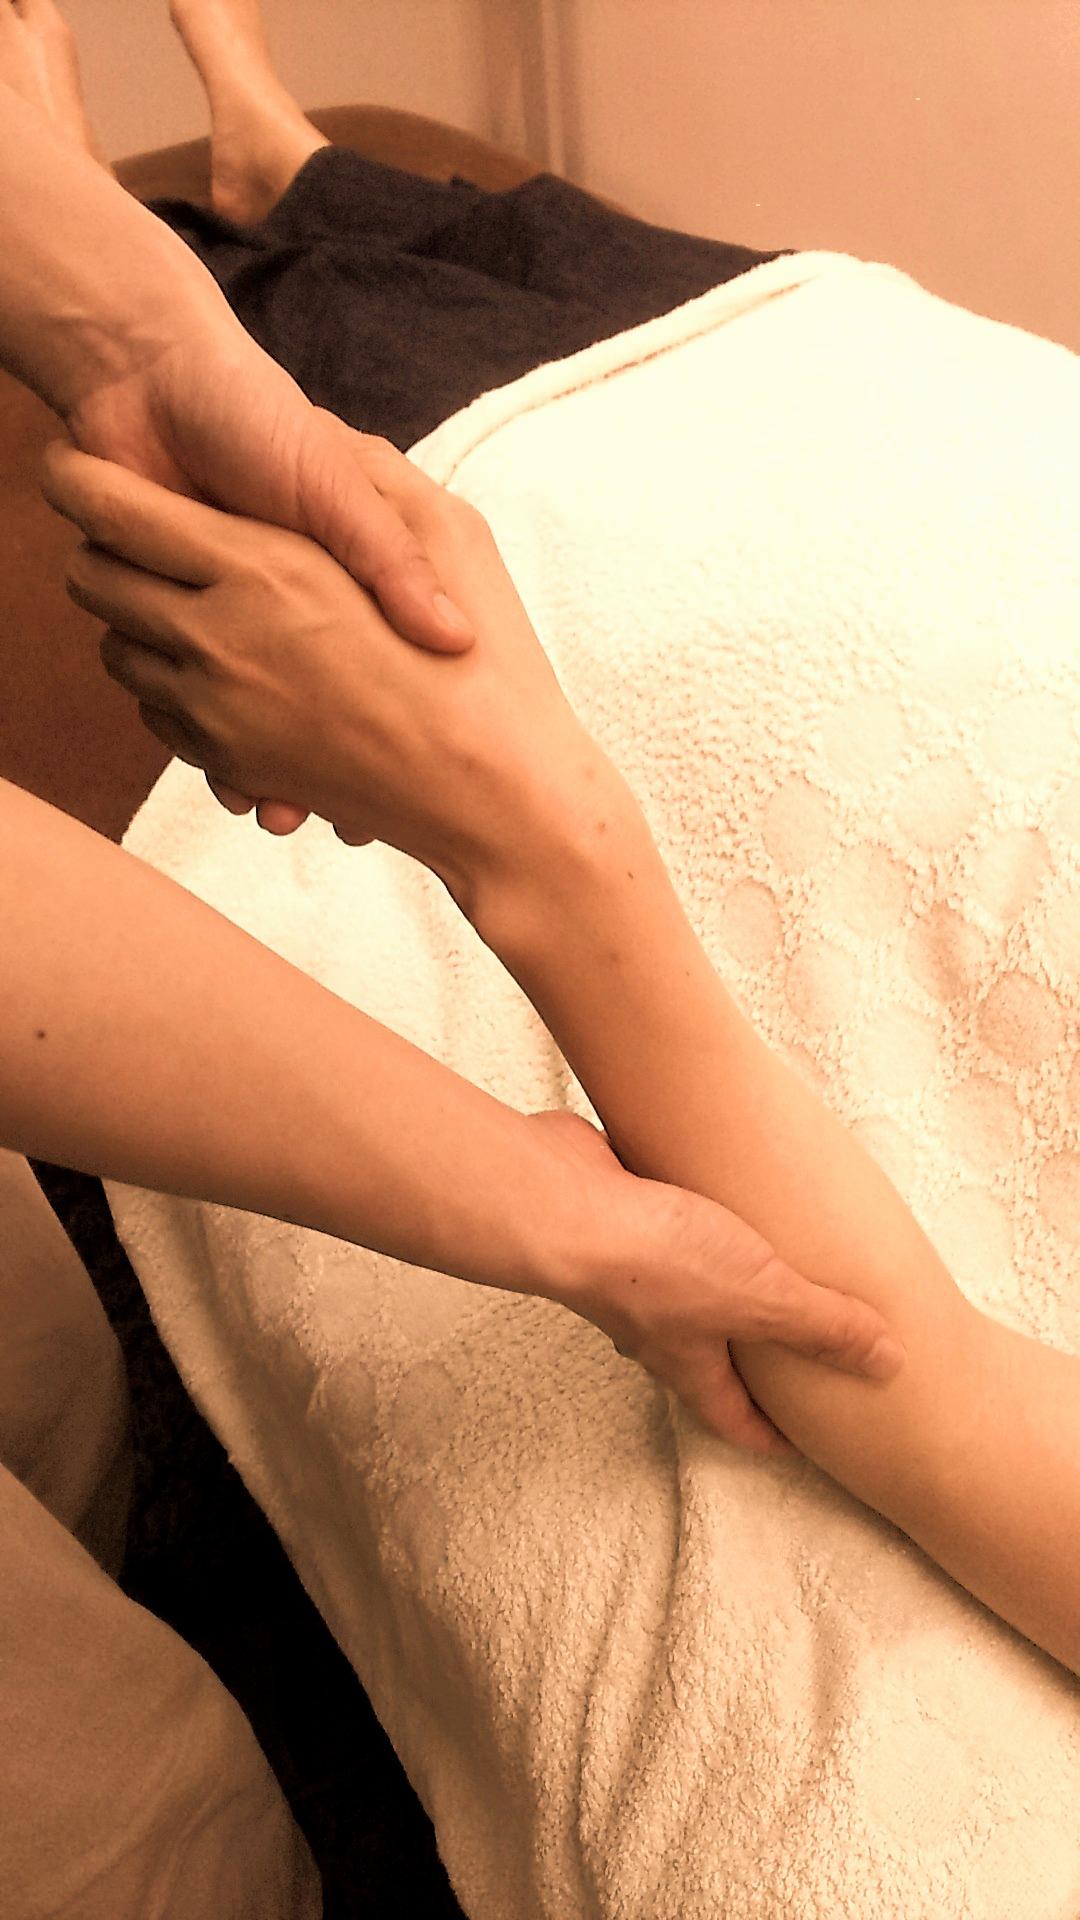 後遺症やマヒで動かしづらくなった手足・指・関節へのリハビリも行います